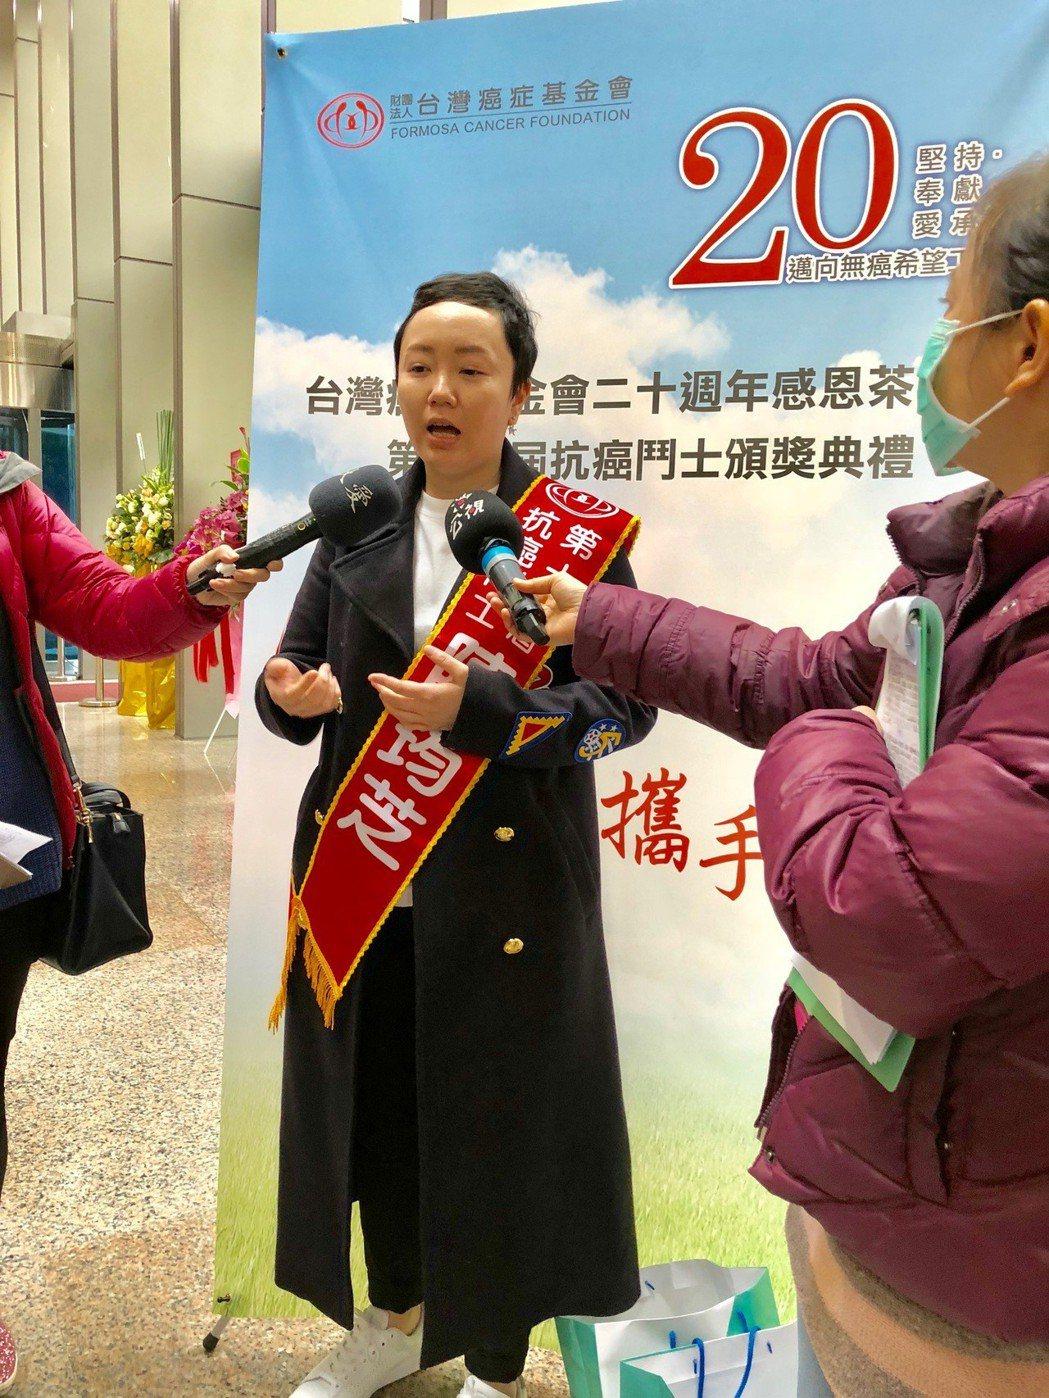 十大抗癌鬥士之一,陳筠芝罹患了與母親一樣的癌症「卵巢癌」。中央社